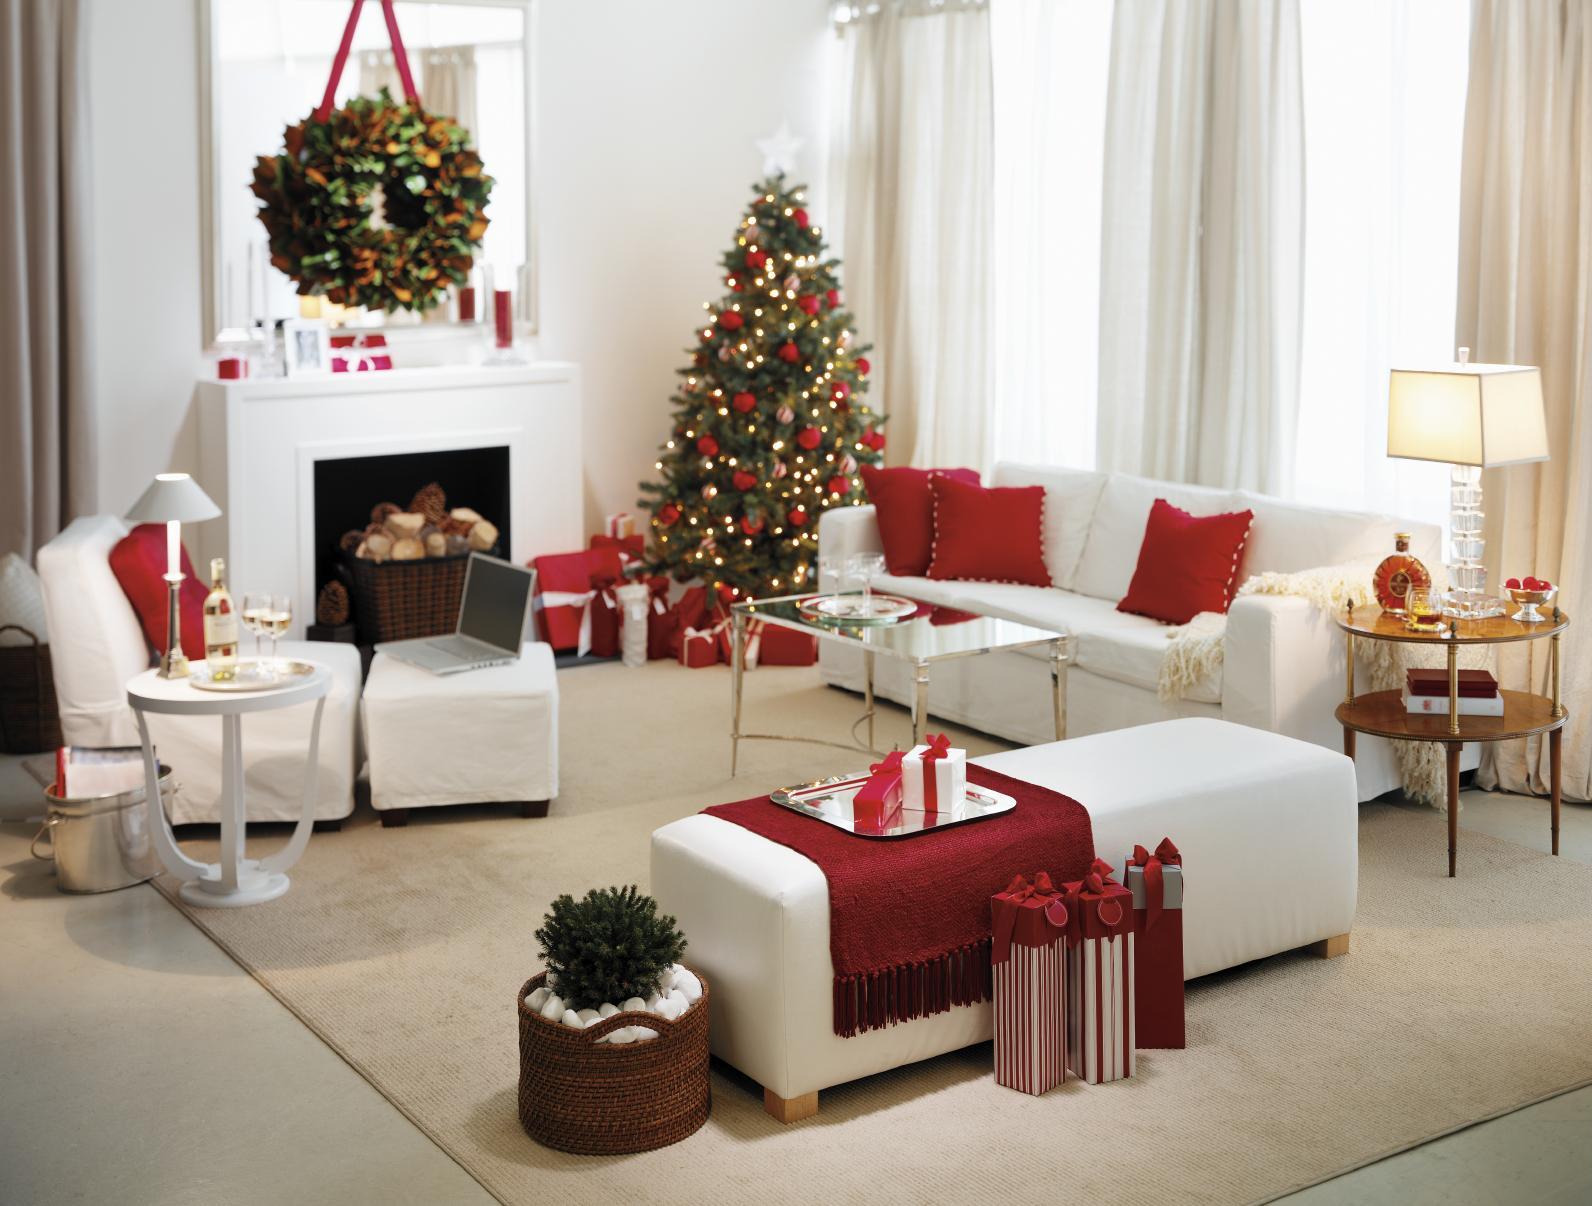 Красно-белая гостиная на Новый год